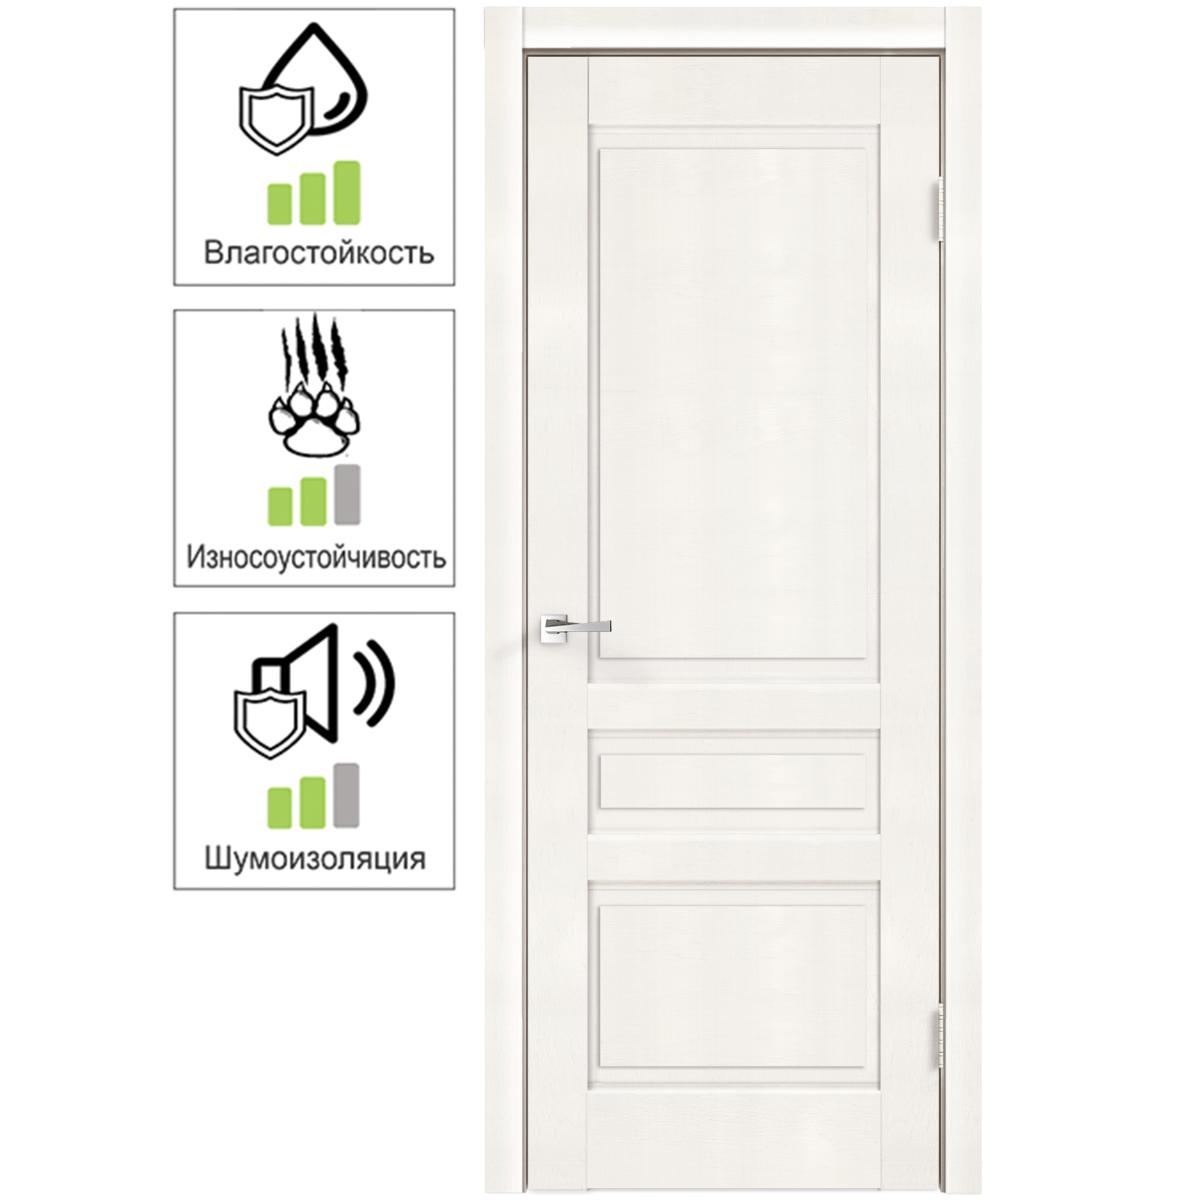 Дверь межкомнатная глухая «Летиция» 90x200 см ПВХ цвет дуб пломбир с фурнитурой